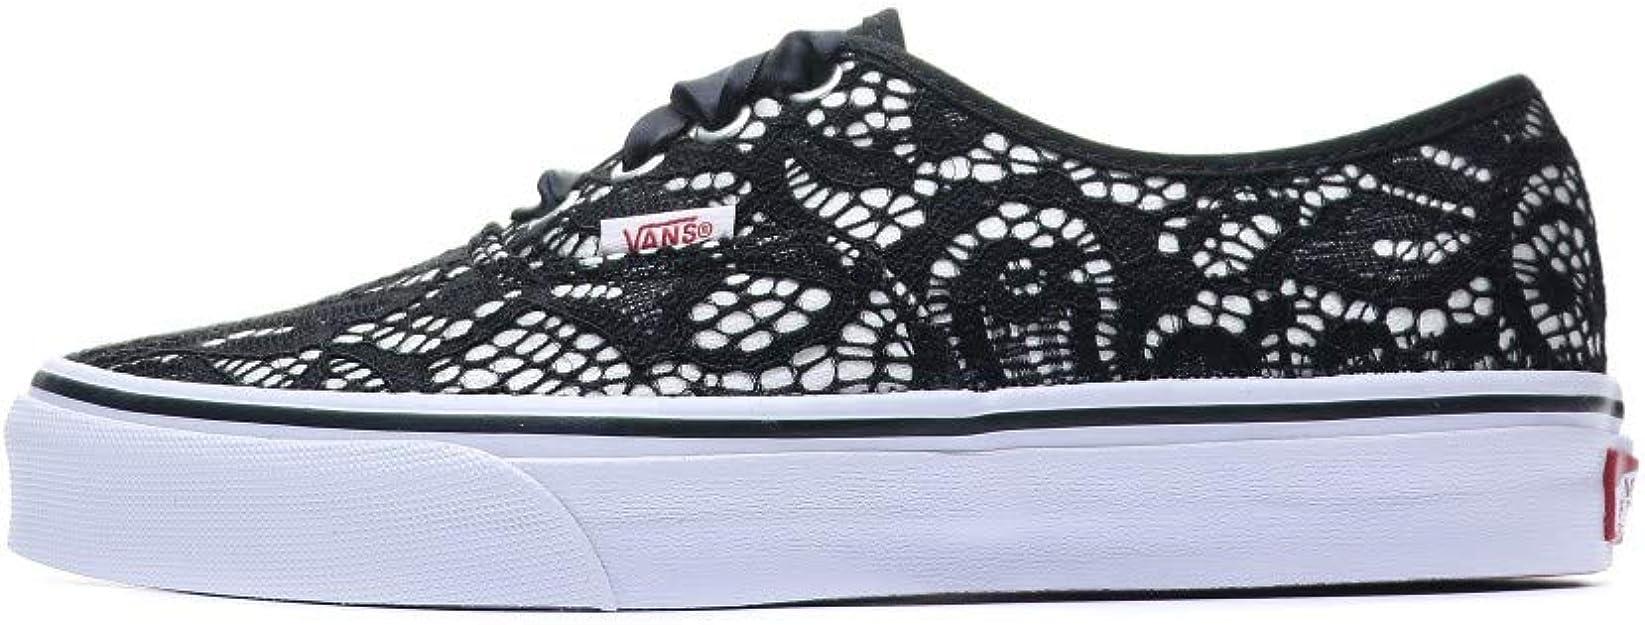 Vans Authentic Baskets Noir Femme : Amazon.fr: Chaussures et Sacs